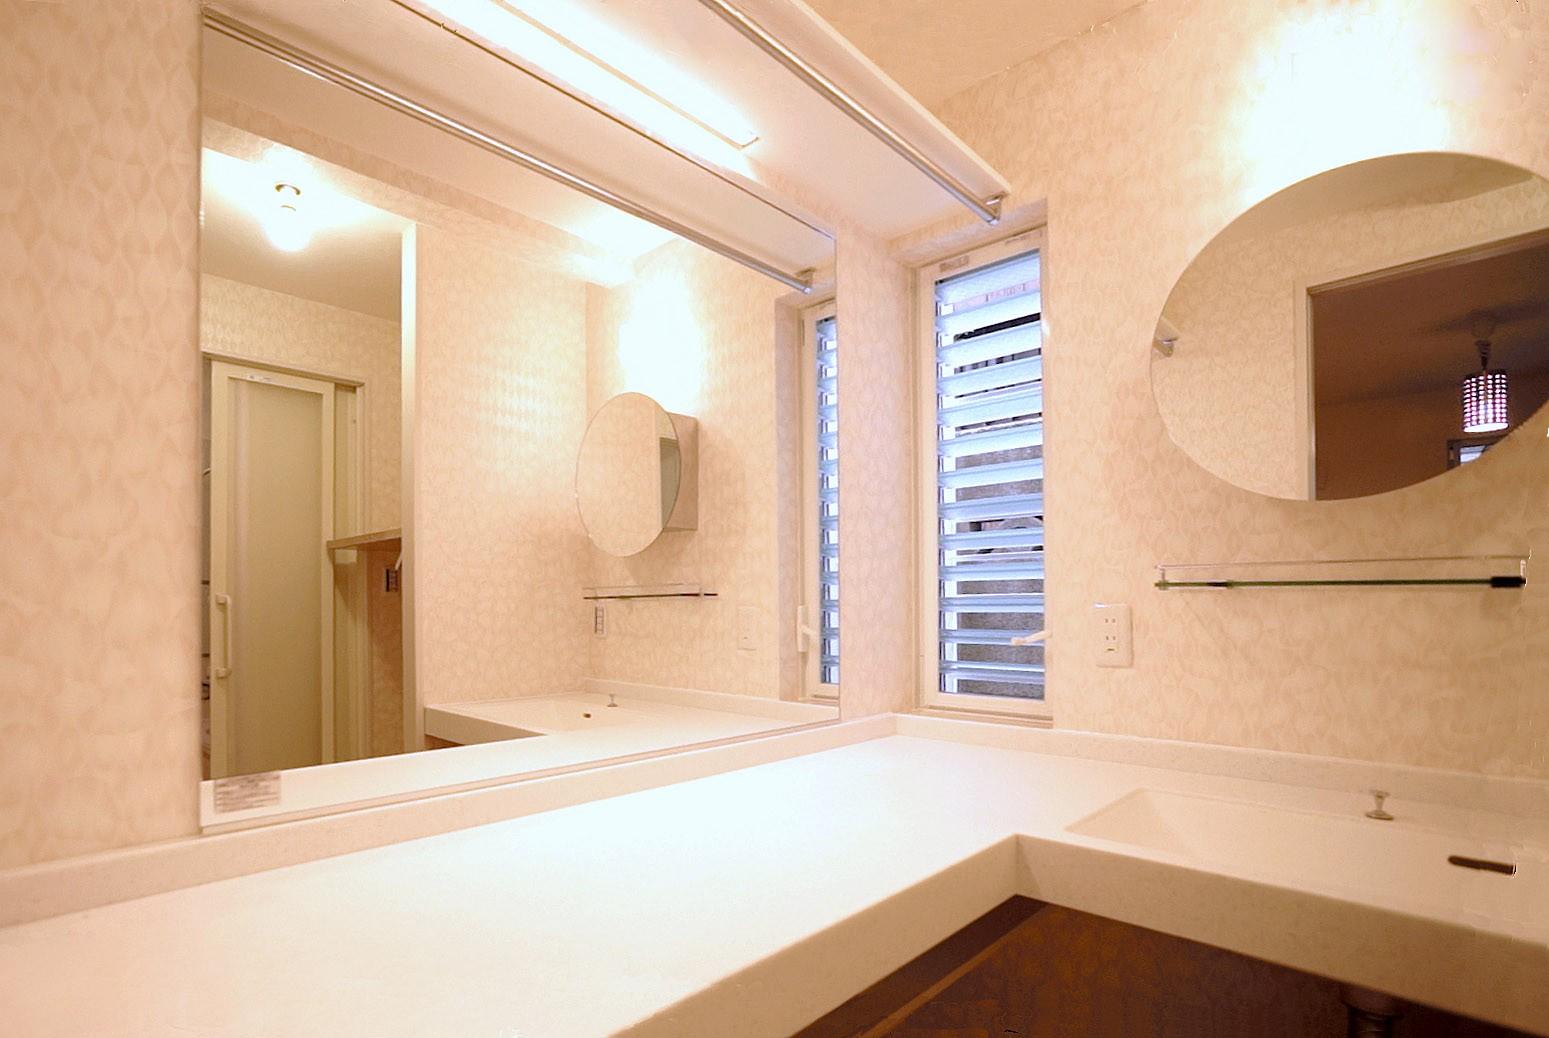 その他事例:フルオーダーの人造大理石カウンター(天然木羽目板とモザイクタイル貼りの、狭小住宅 東京)